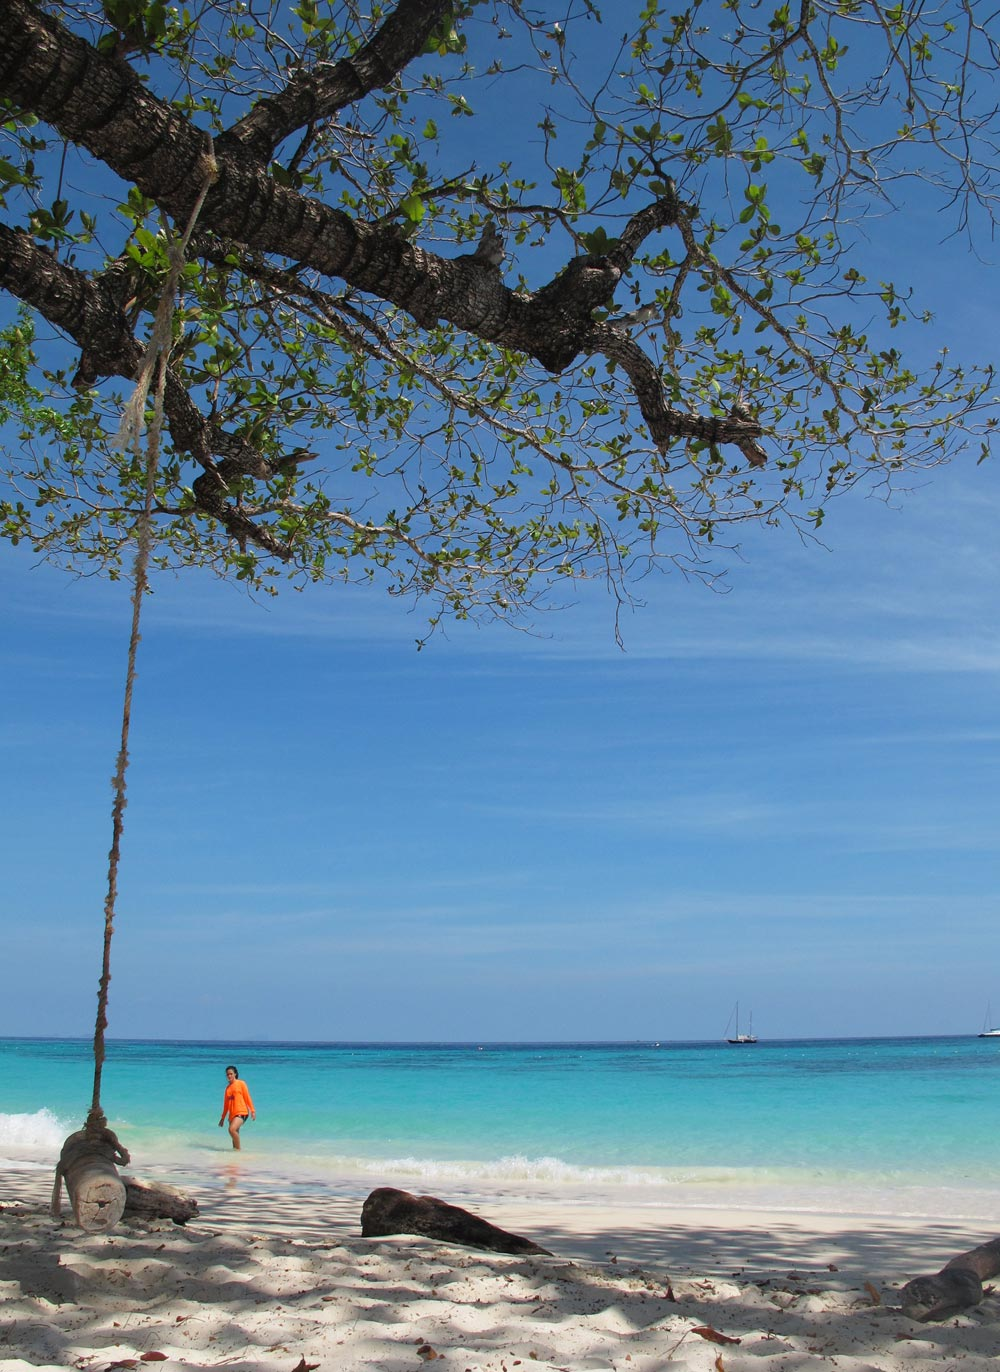 Perfect beach and sea at Koh Rok Nai